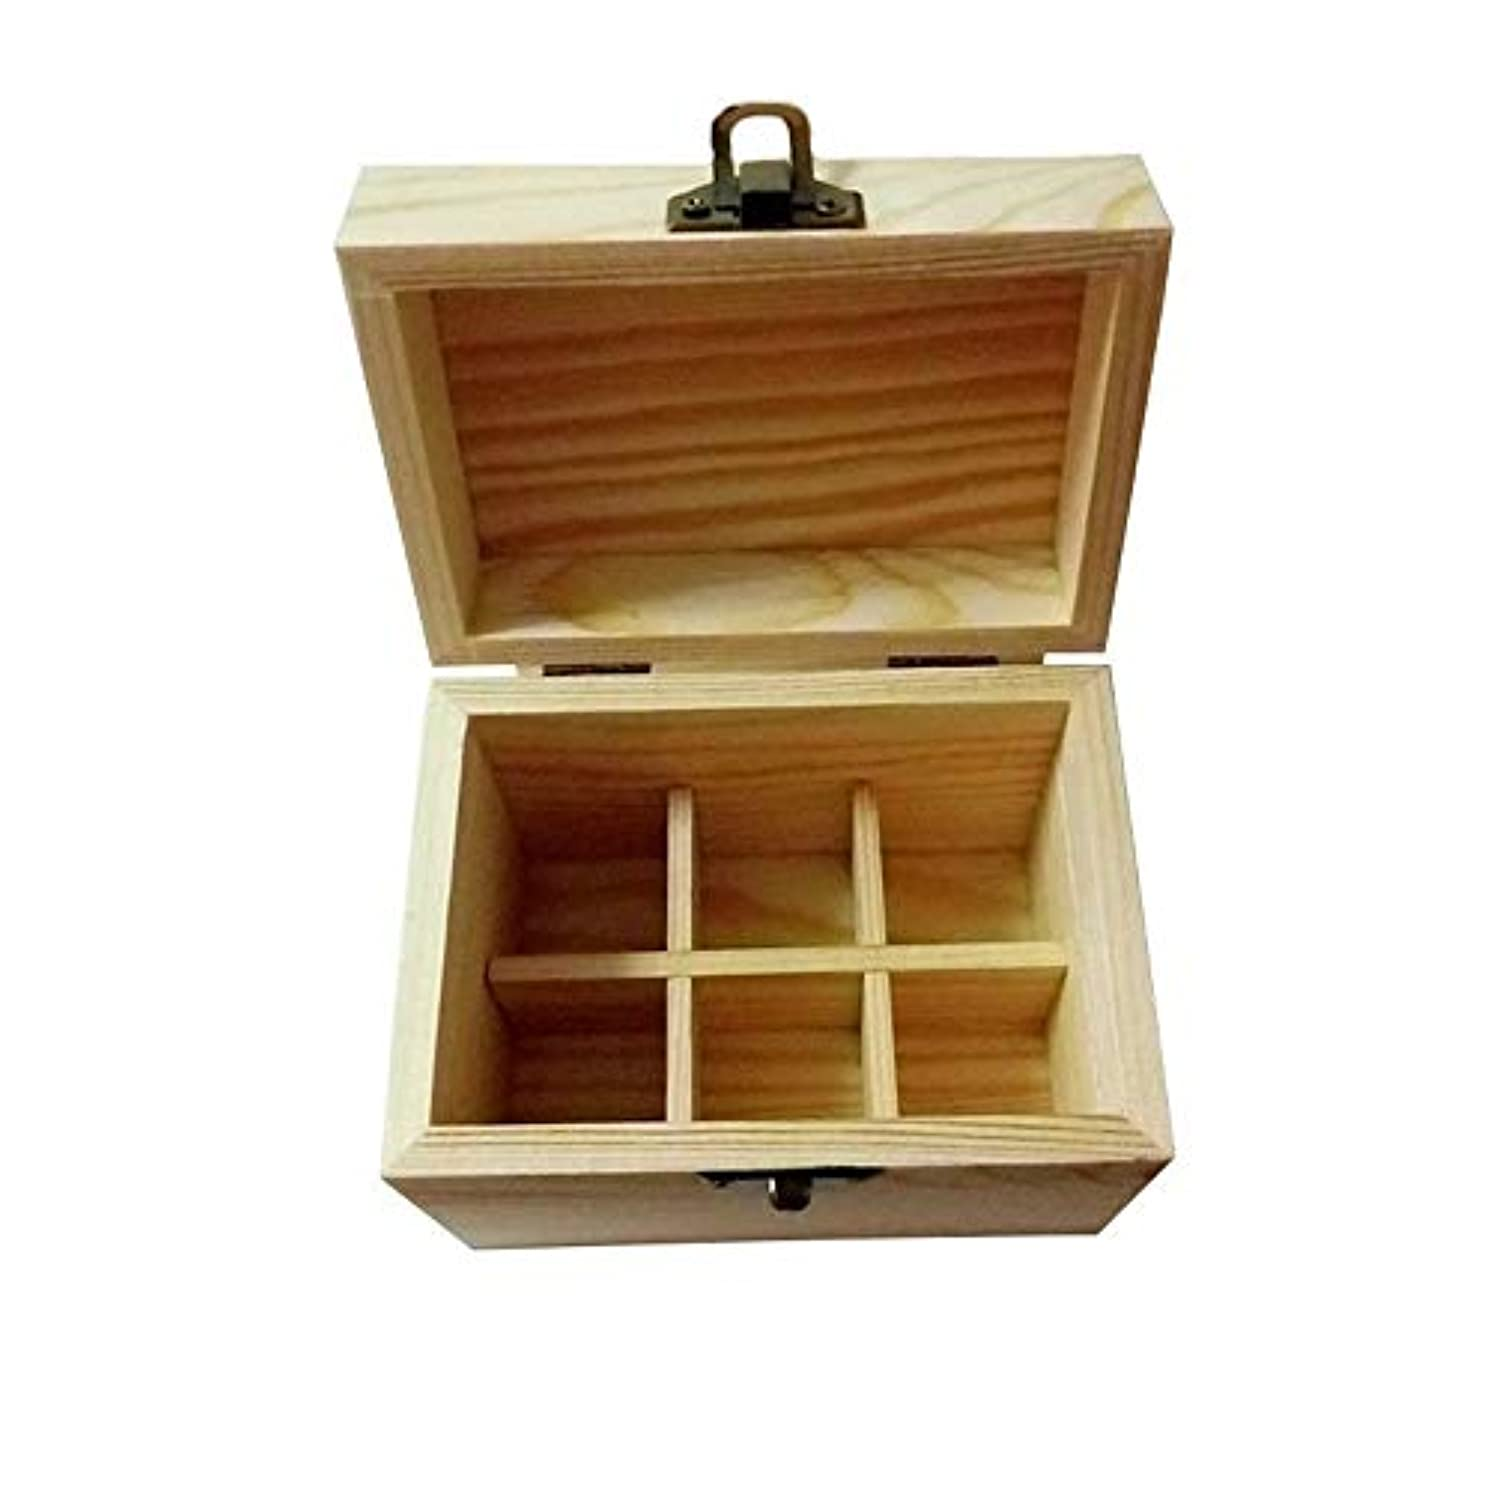 ポケット性別ホールエッセンシャルオイルの保管 エッセンシャルオイルストレージボックスケース木製??の主催者は6本のキャリングセーフボトルやホームストレージの表示を保持します (色 : Natural, サイズ : 11.5X8X9.5CM)